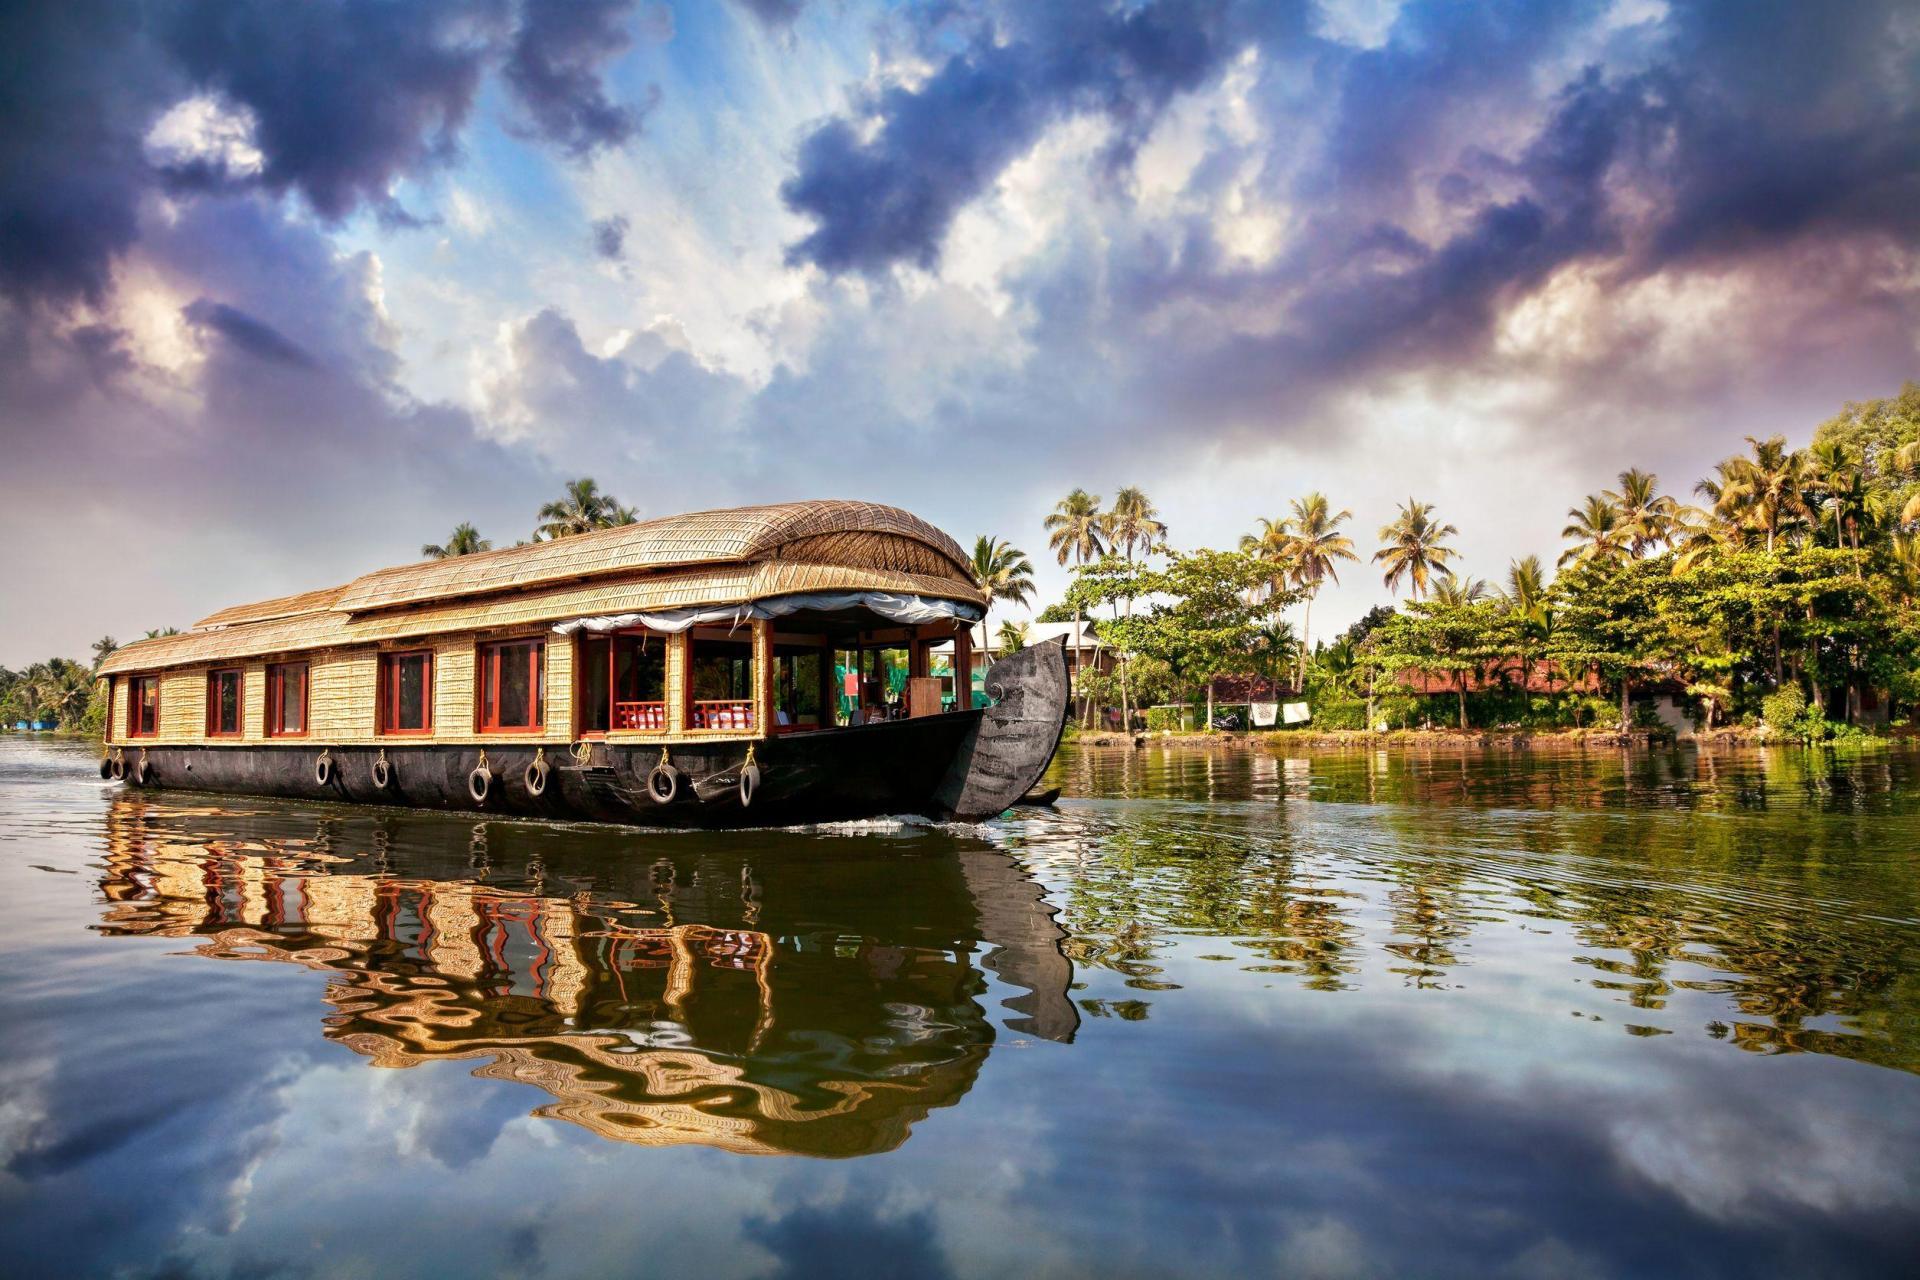 Wedding in Kerala - House boat